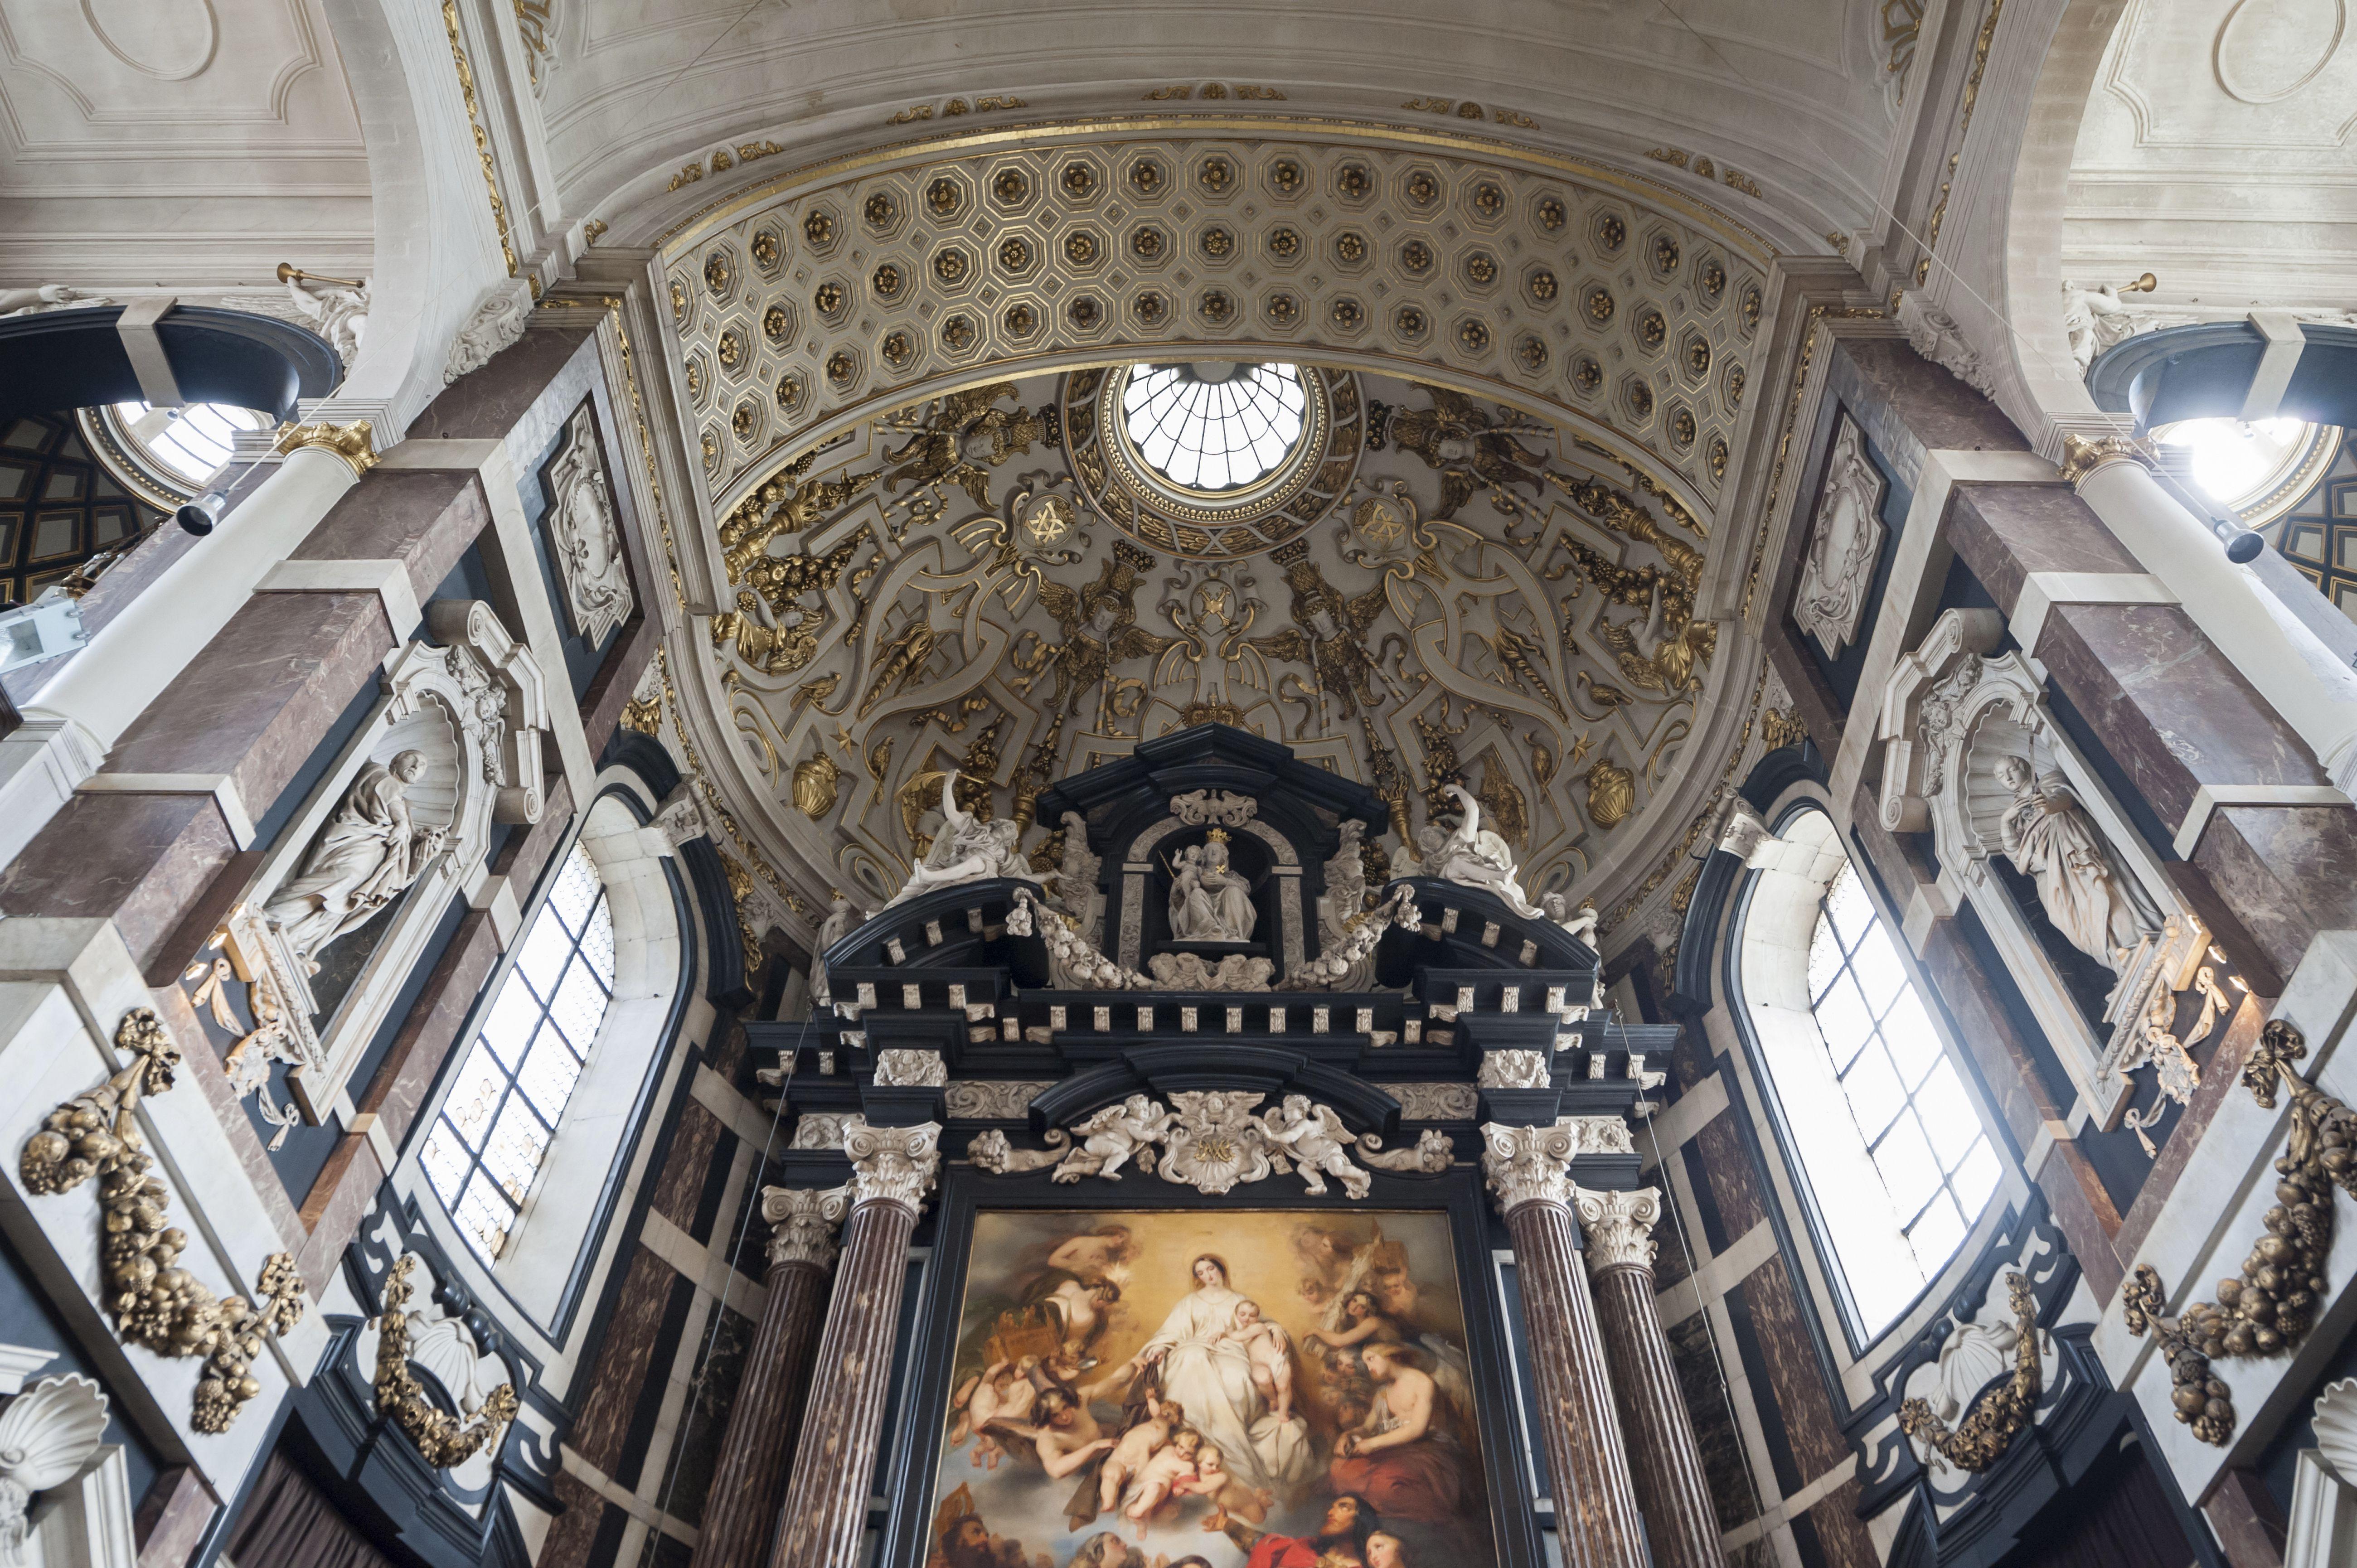 Interior of the St. Carolus Borromeus Church, c. 1620, Antwerp, Belgium